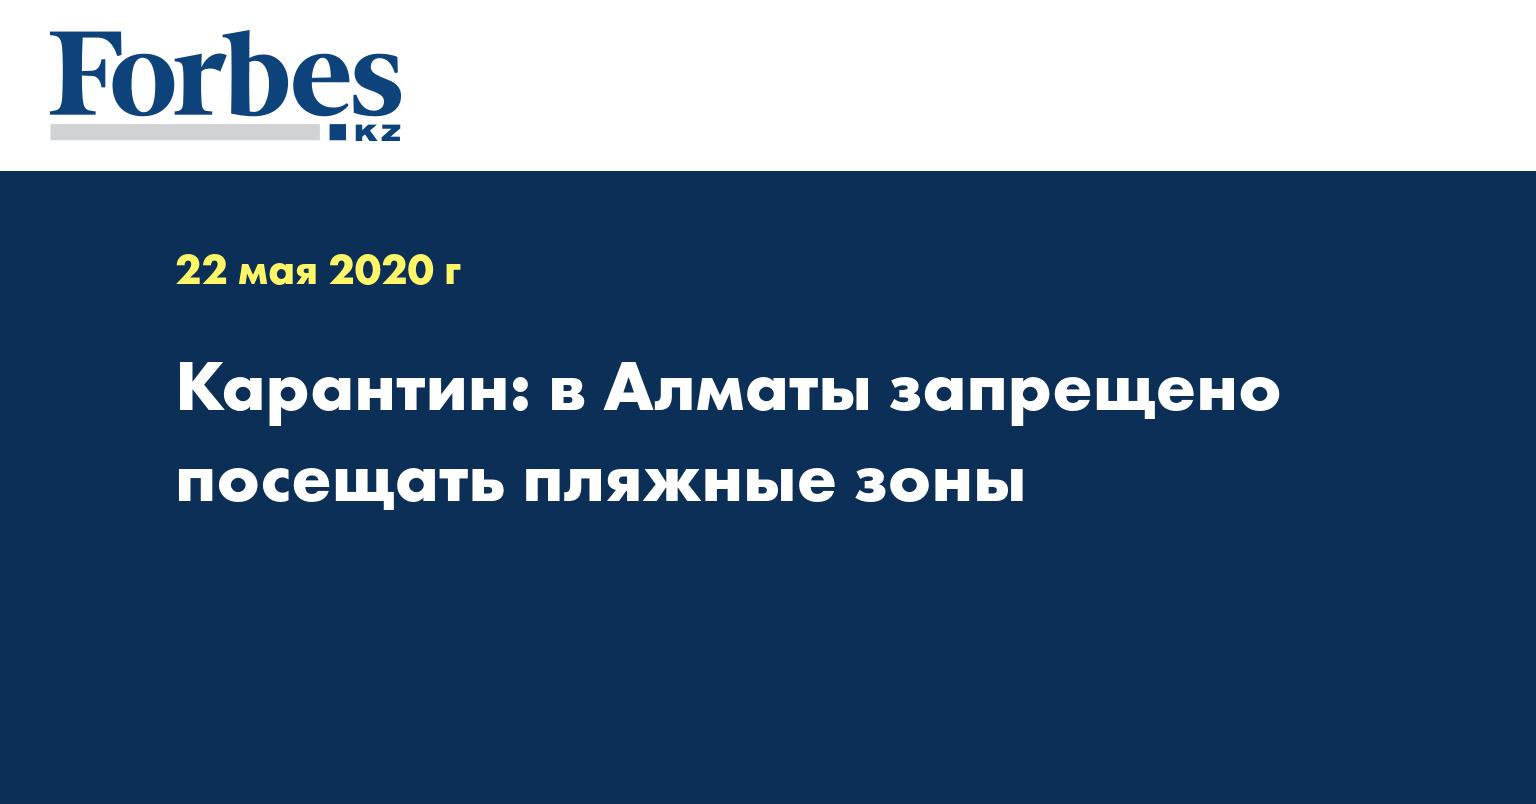 Карантин: в Алматы запрещено посещать пляжные зоны